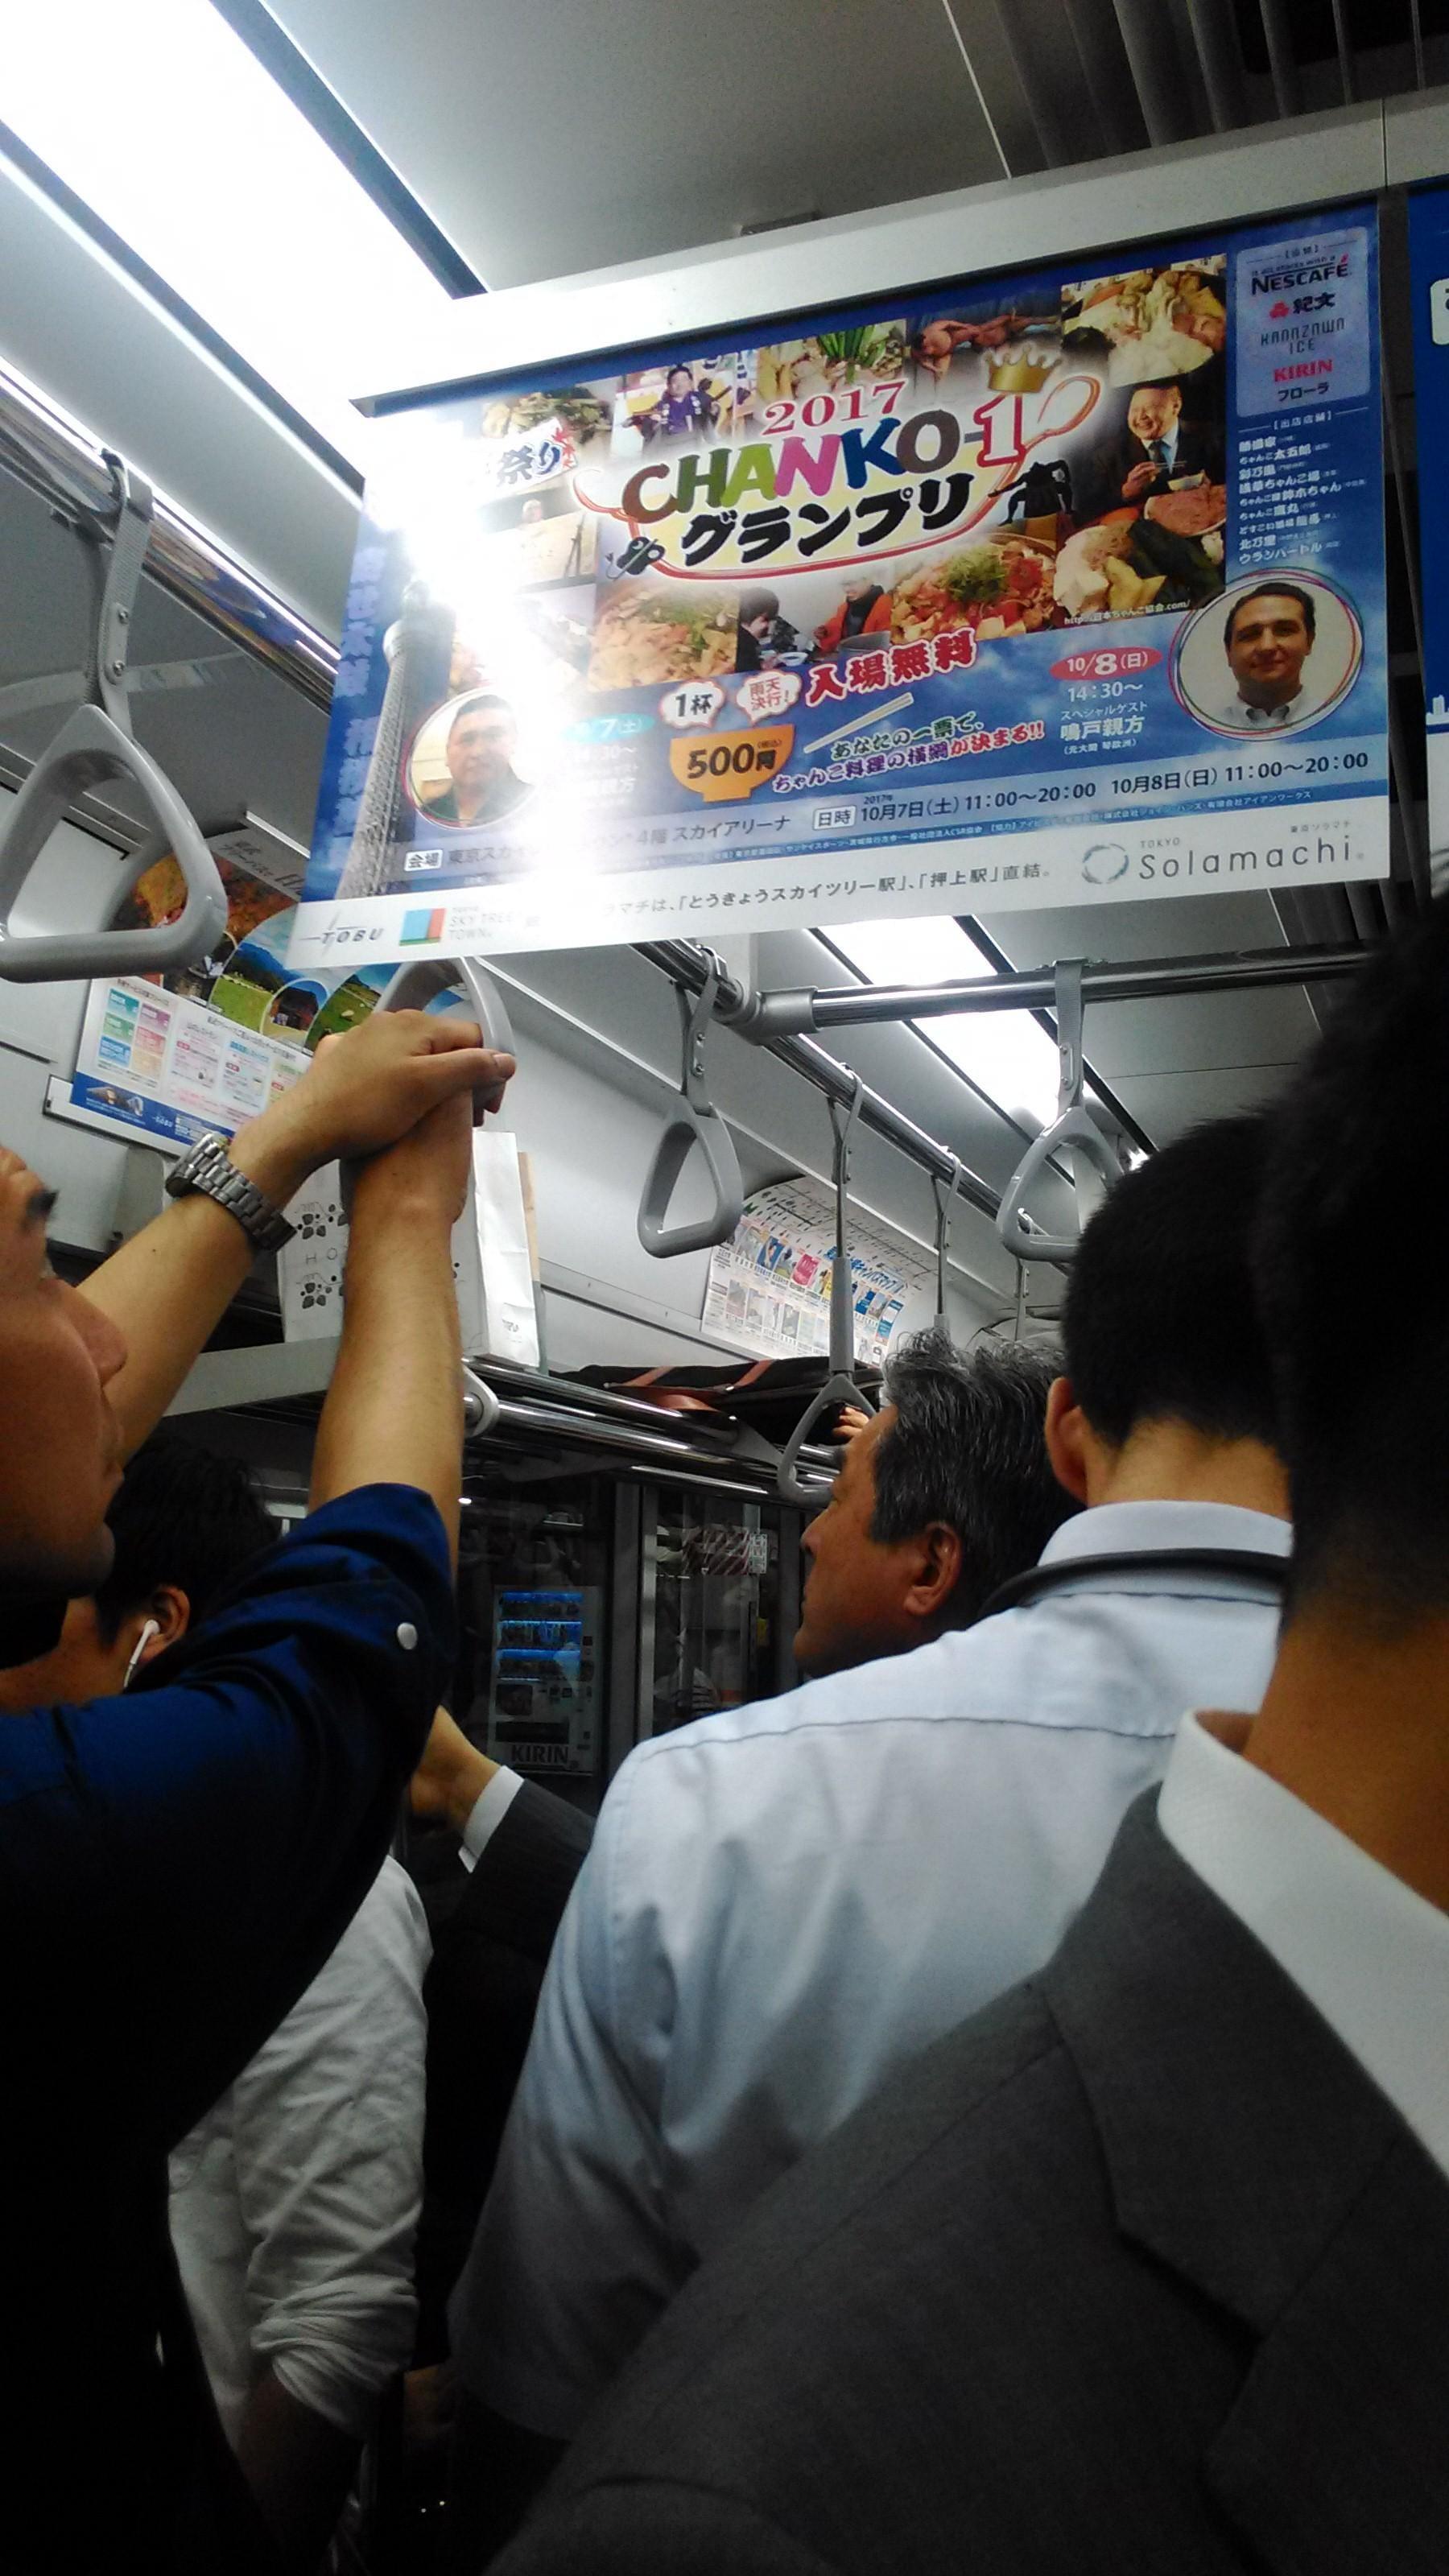 「電車内で2度見!(/´△`\)」10/03(10/03) 17:31 | ぴるろの写メ・風俗動画